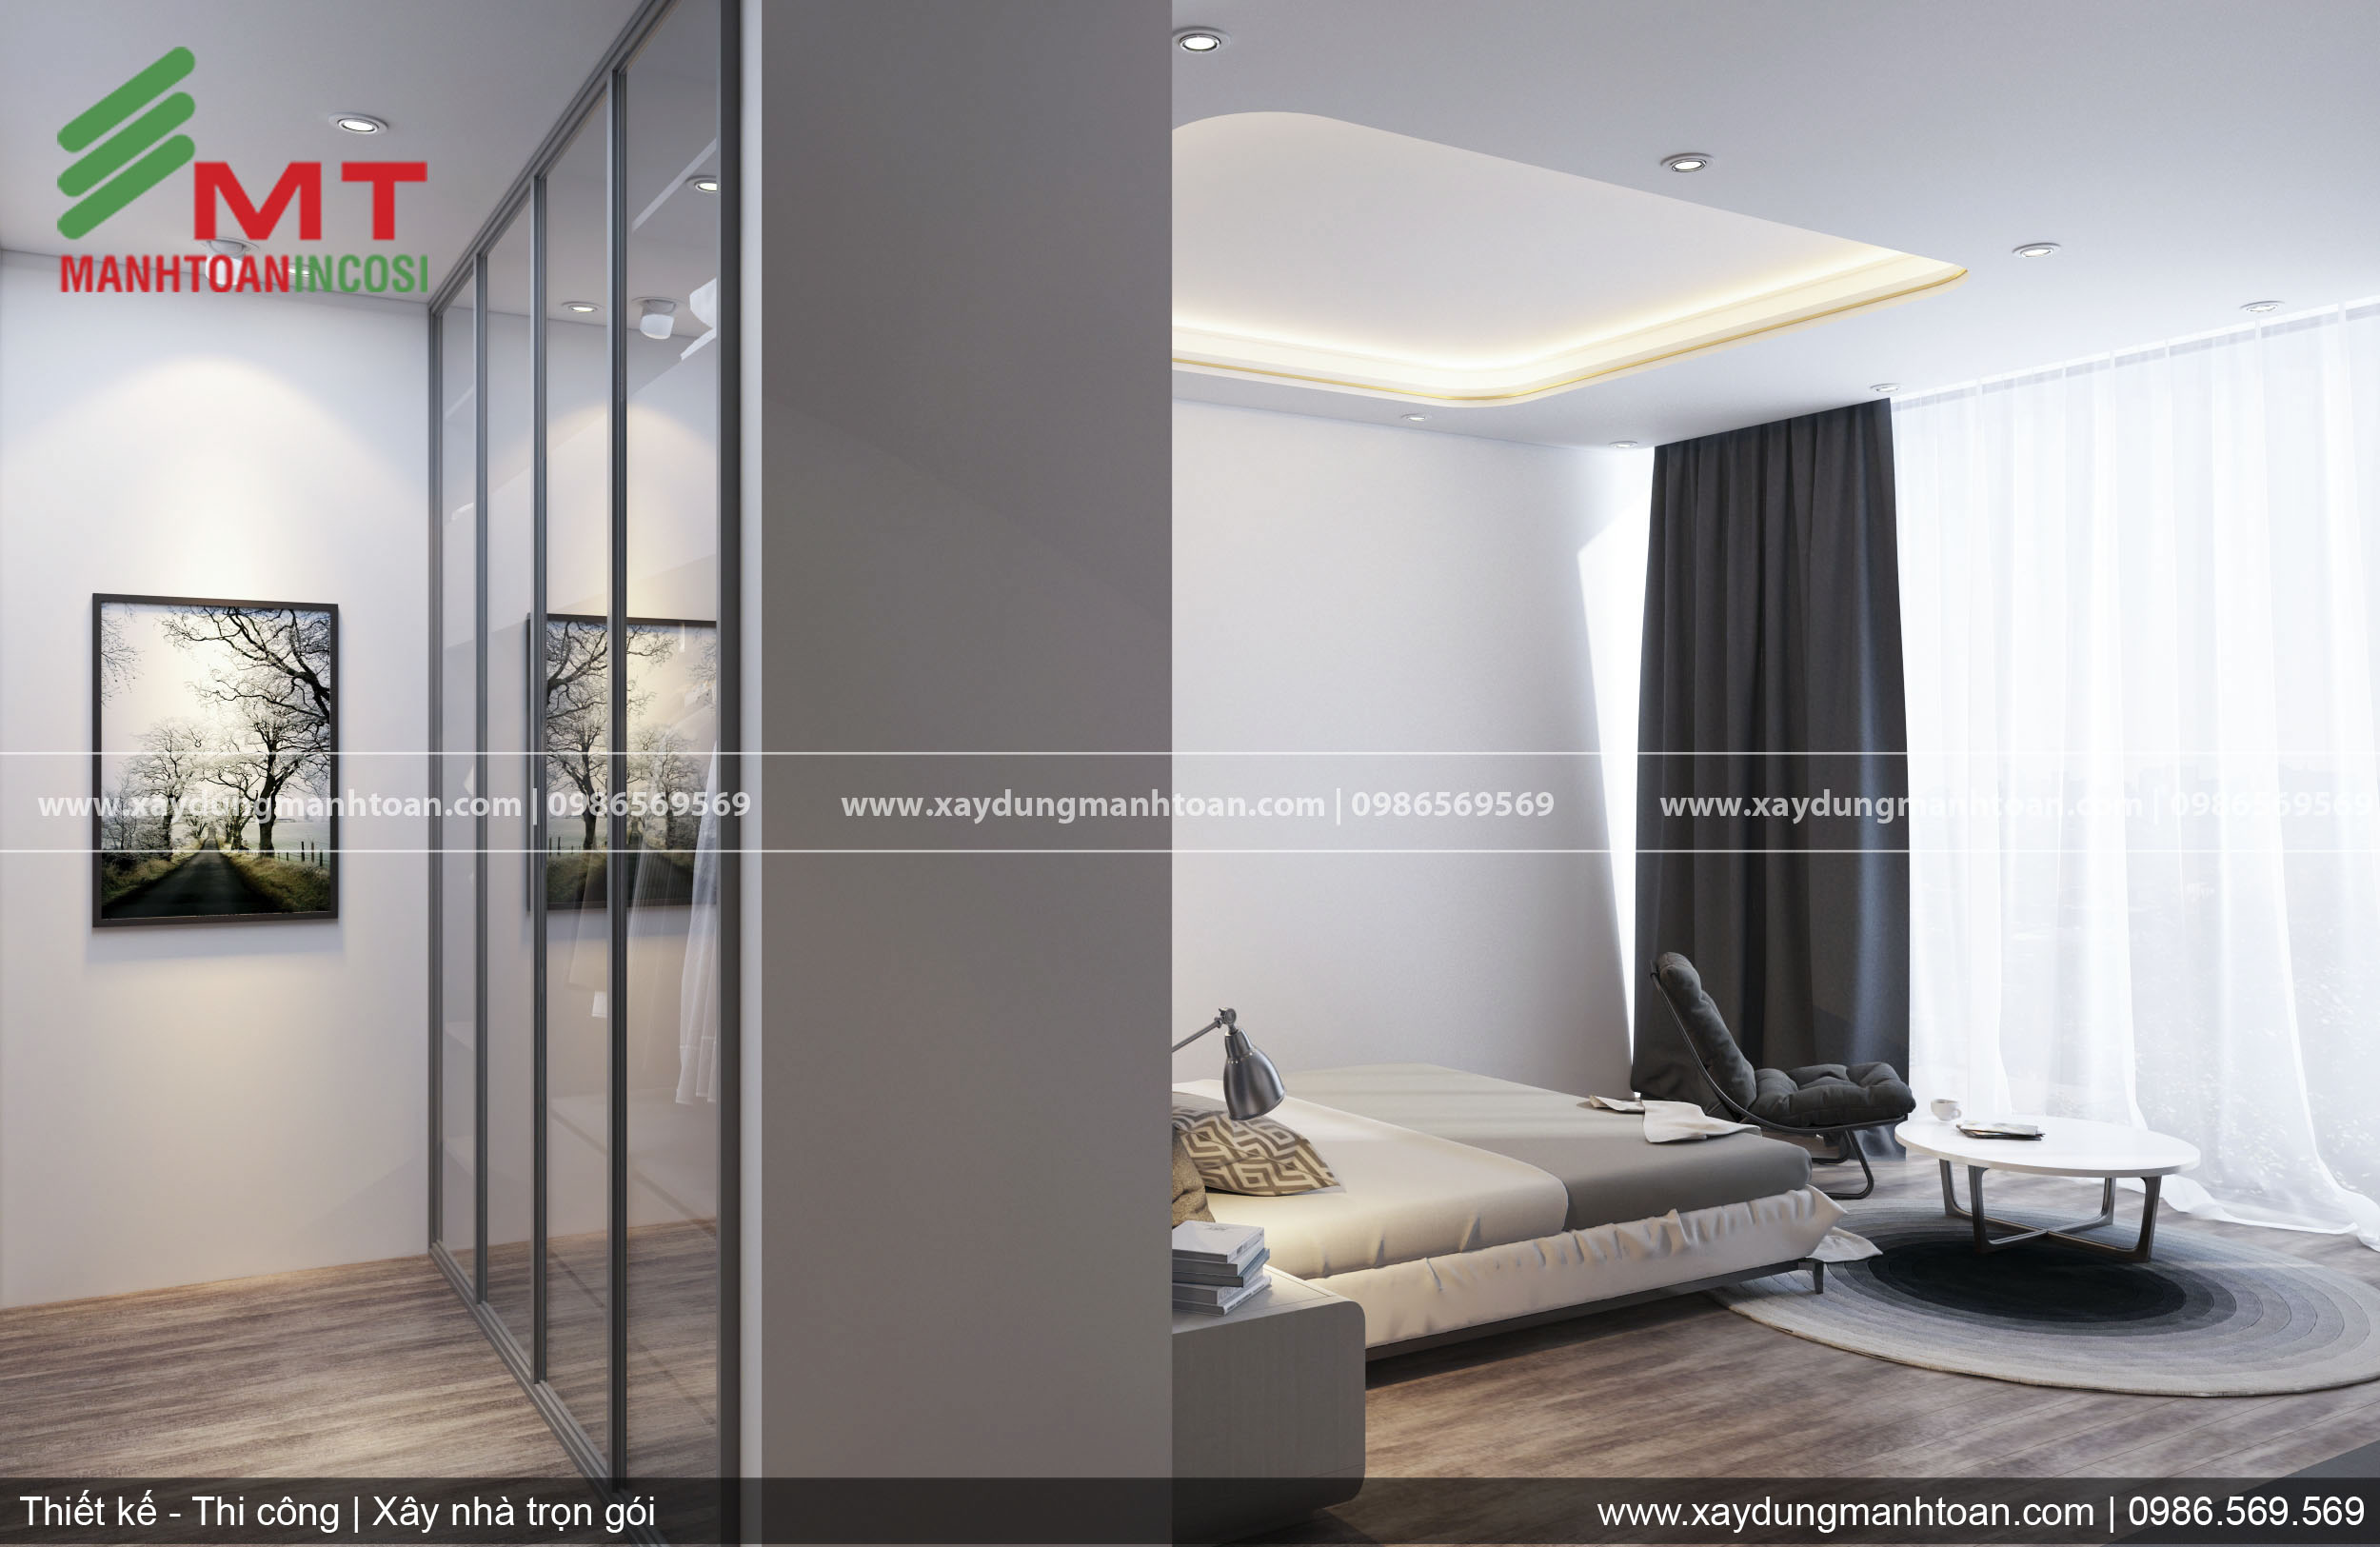 Thiết kế nhà, thiết kế nhà đẹp, thiết kế nội thất tại Hải Phòng